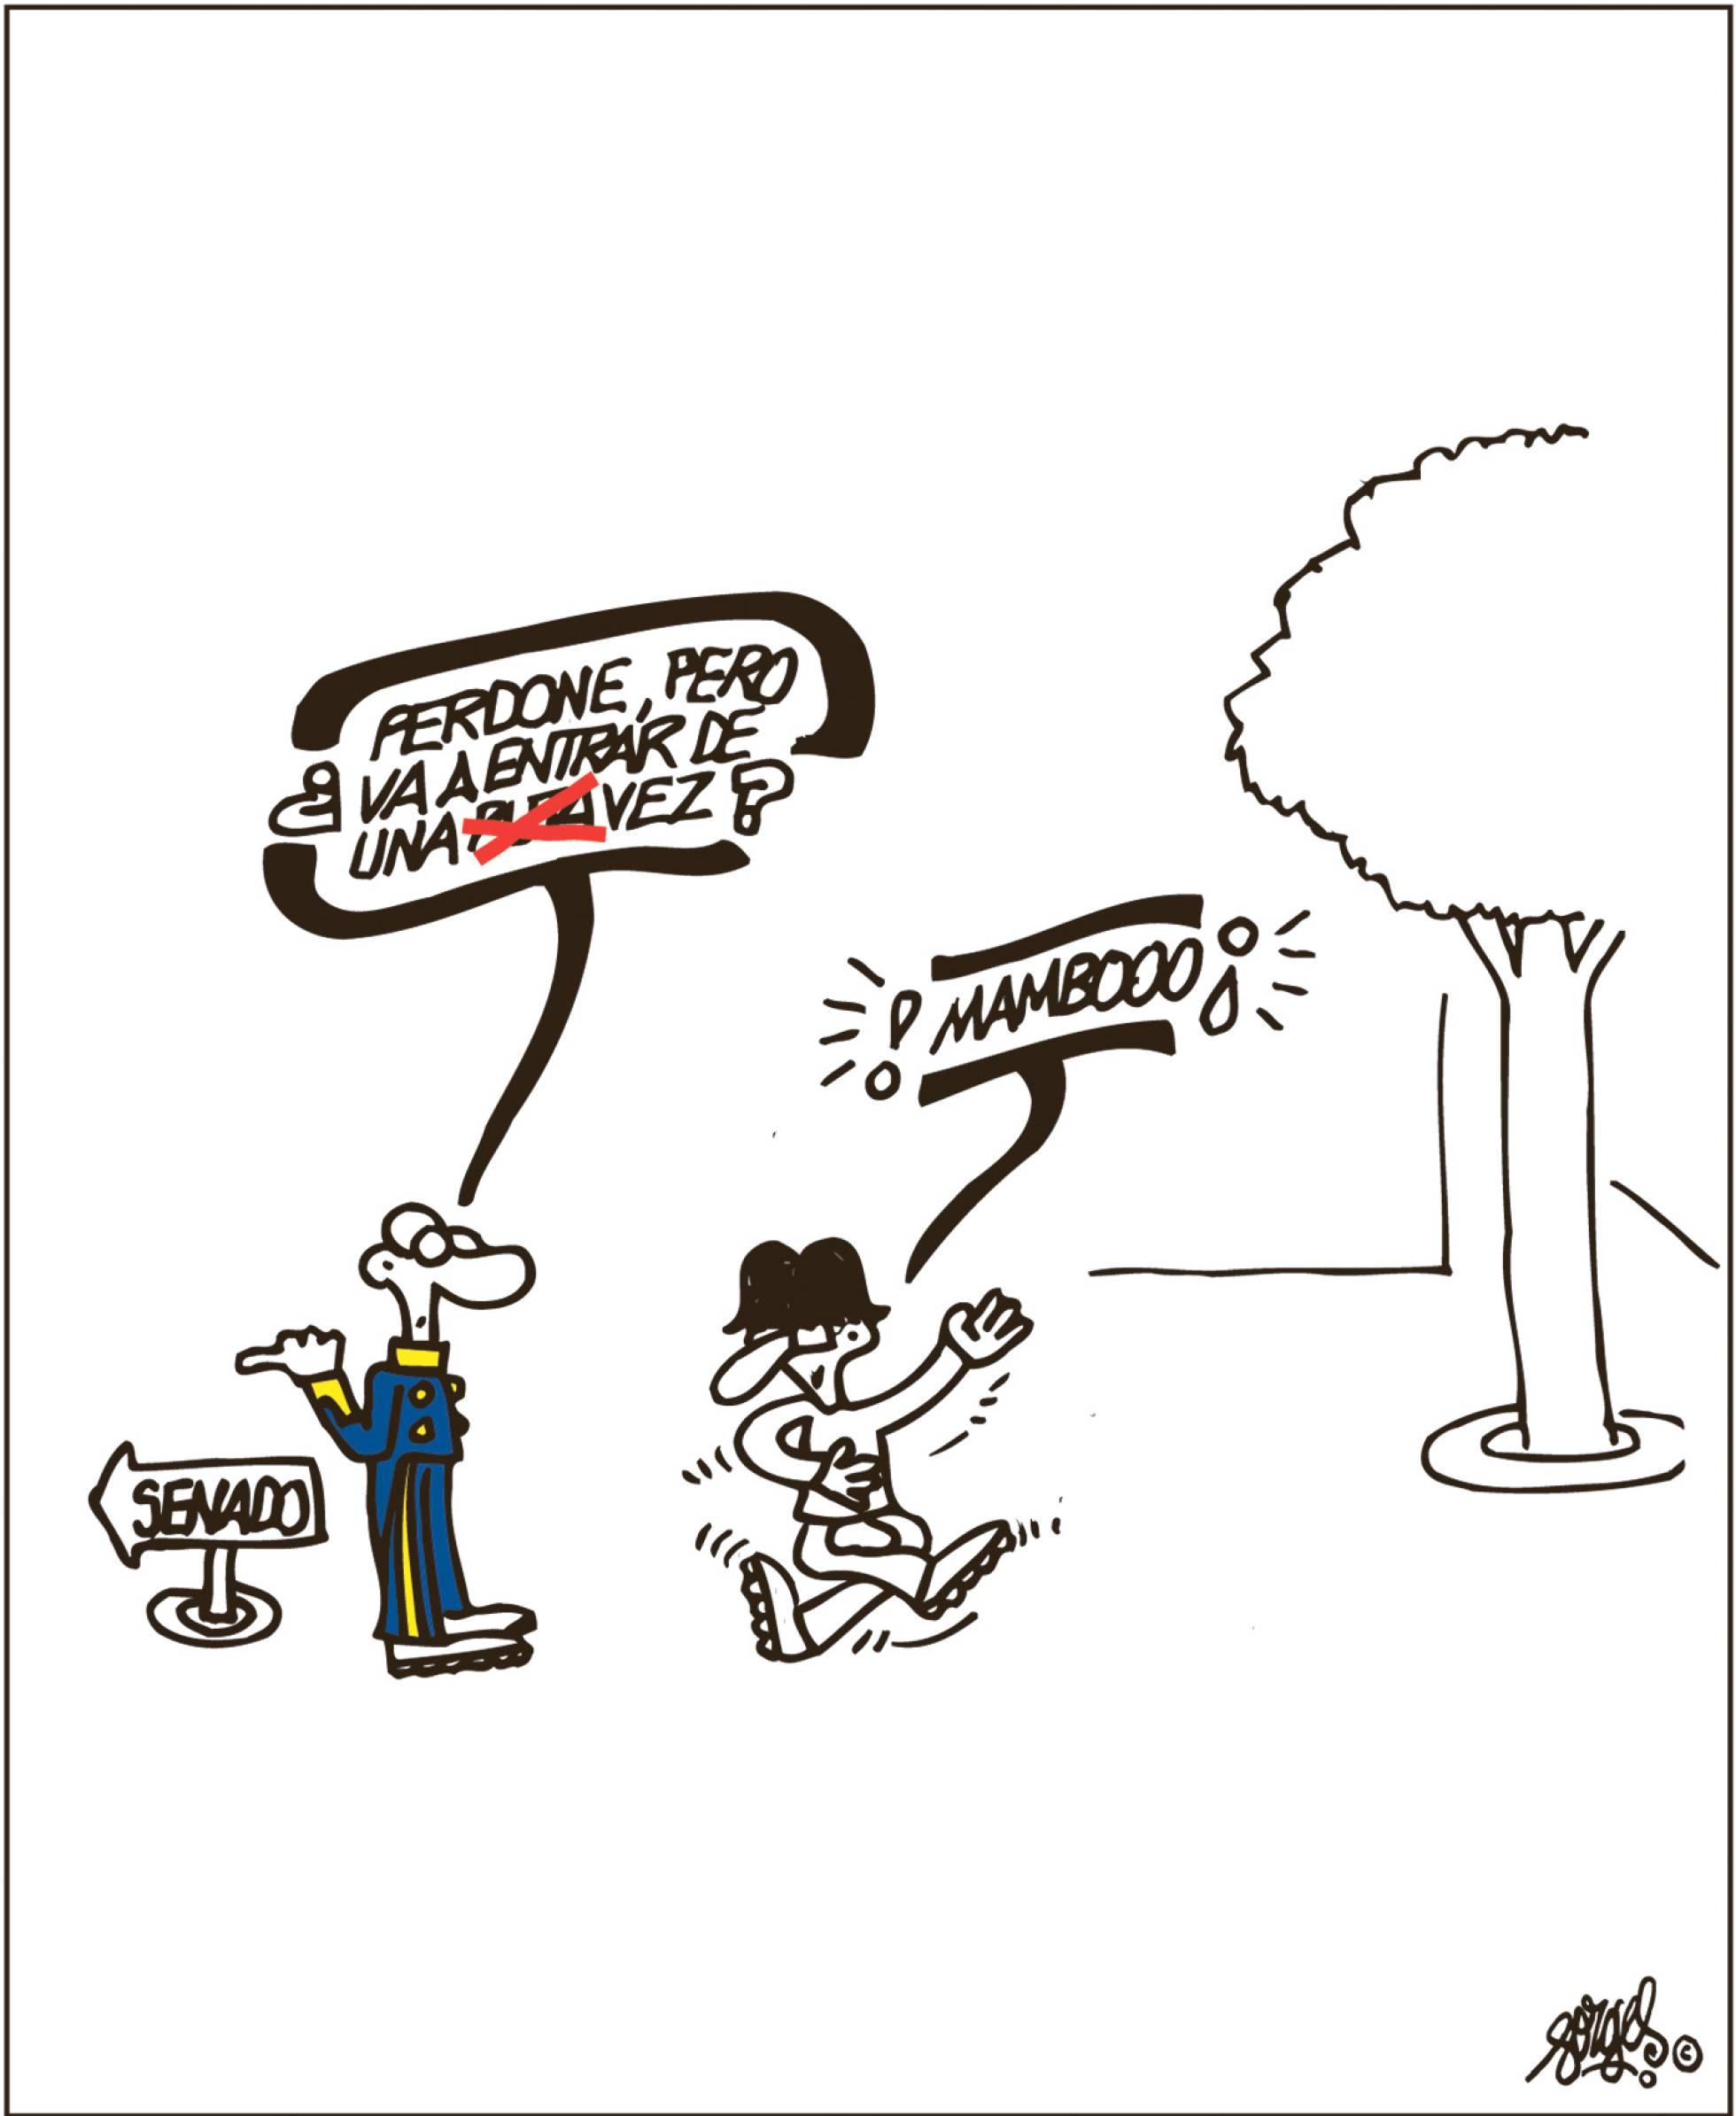 Forges, en El País, 28/10/2017